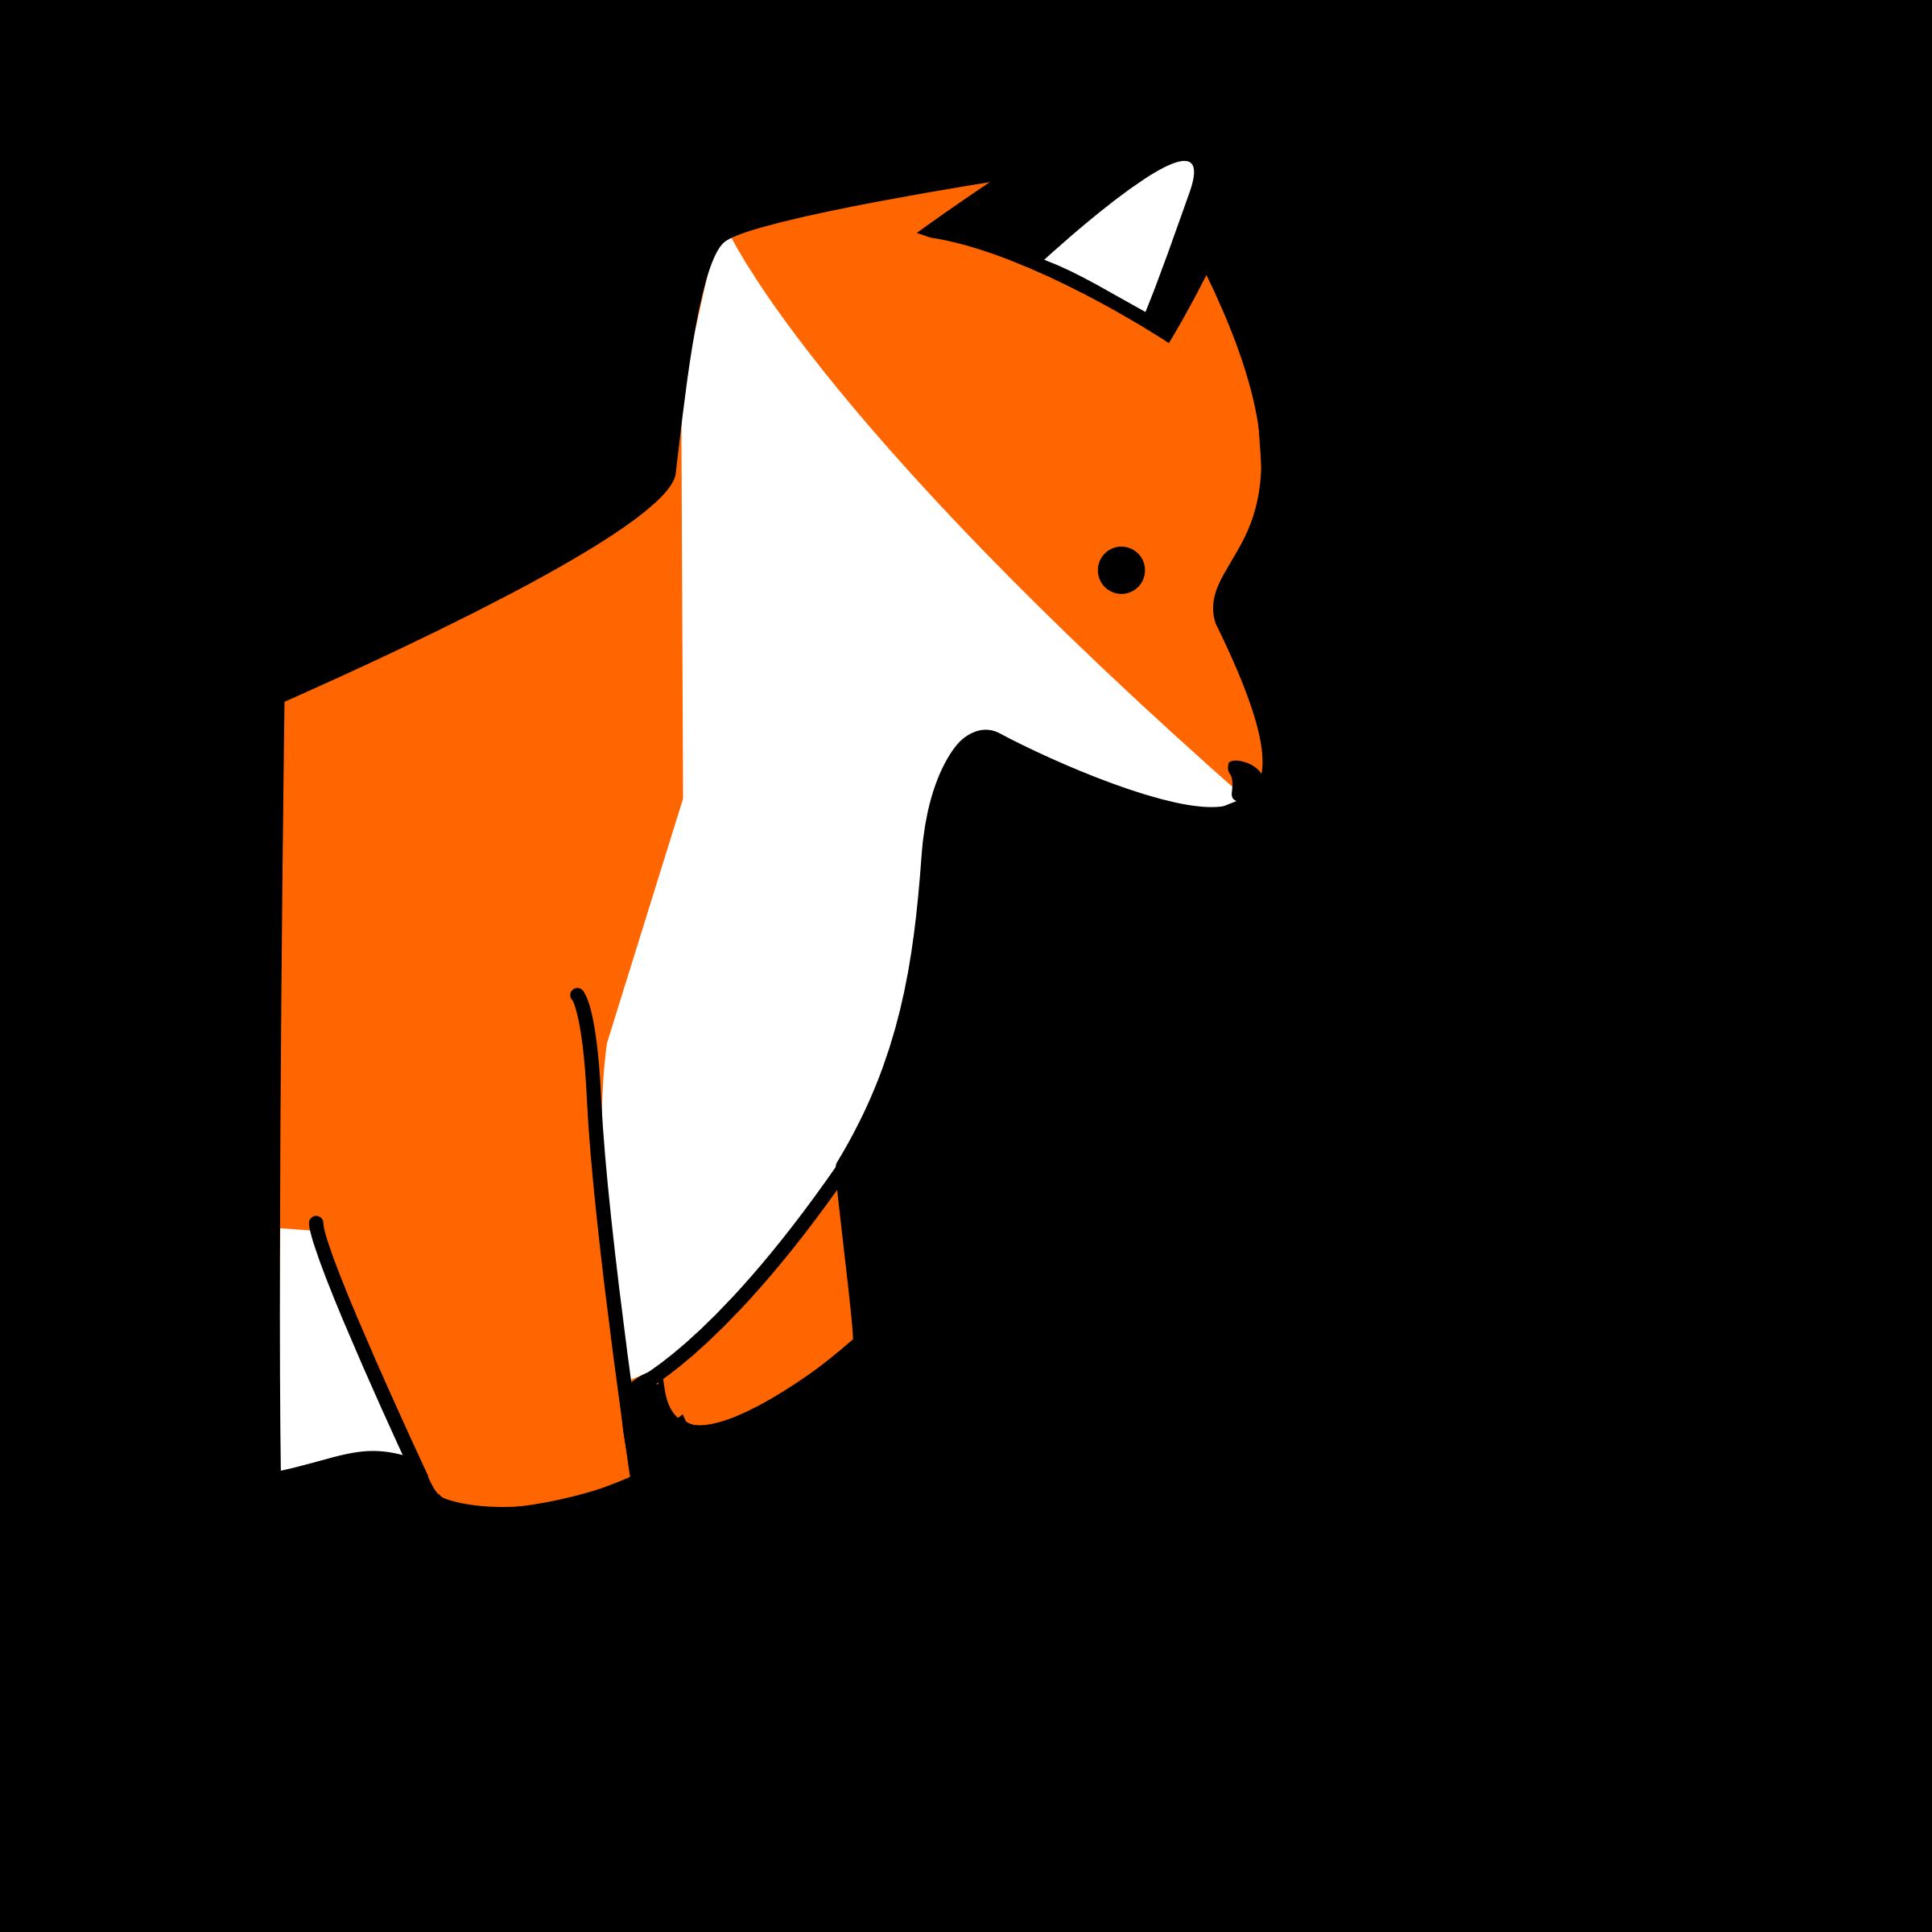 Fox Png Stupid Fox